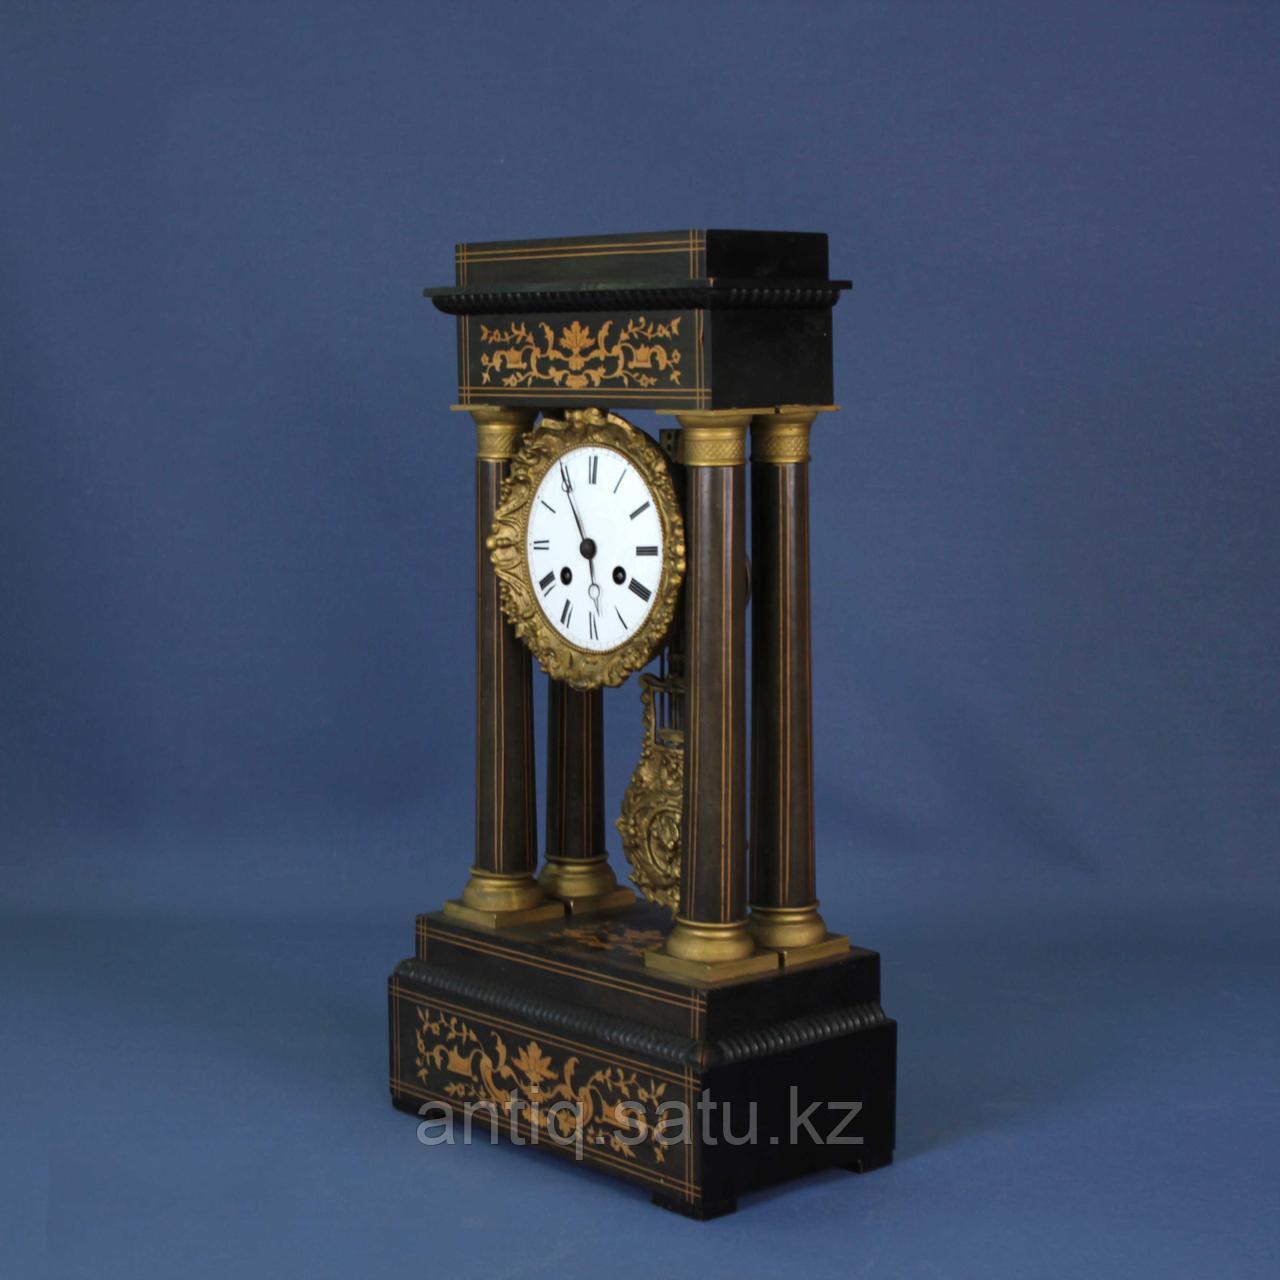 Кабинетные часы в стиле Карла Х. Часовая мастерская Samuel Marti & Cie - фото 2